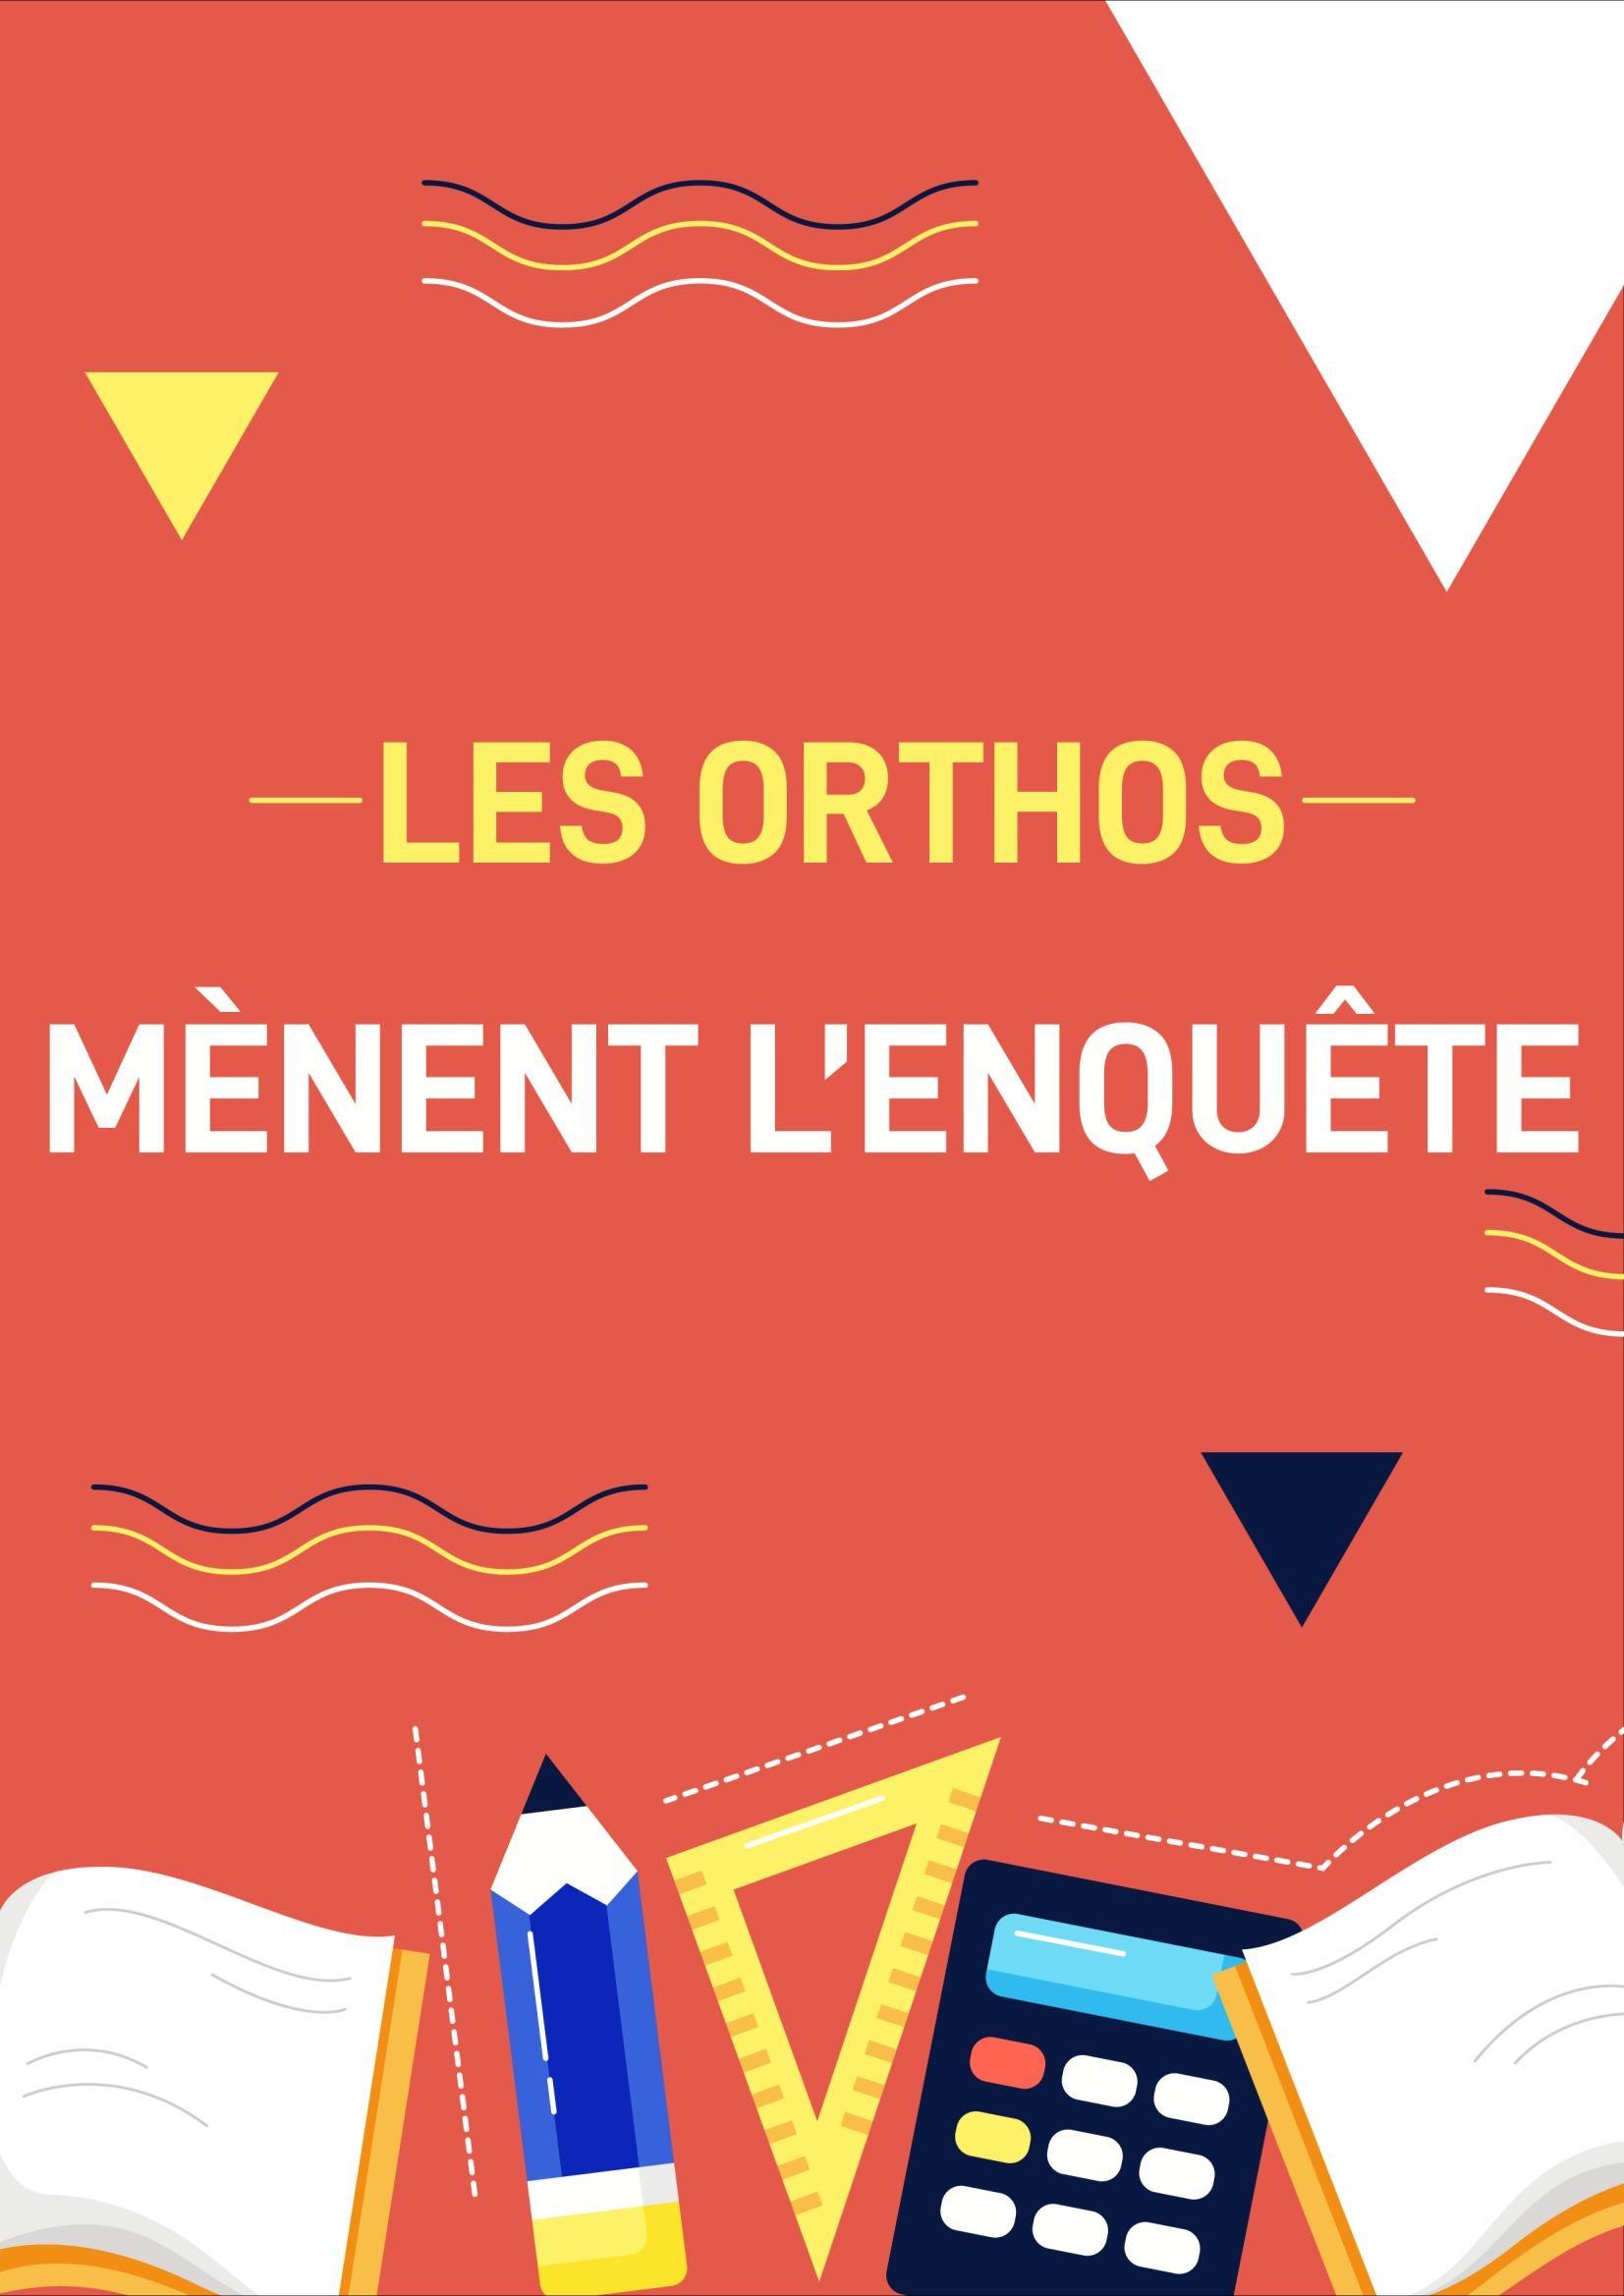 Page 48 of Les orthos mènent l'enquête